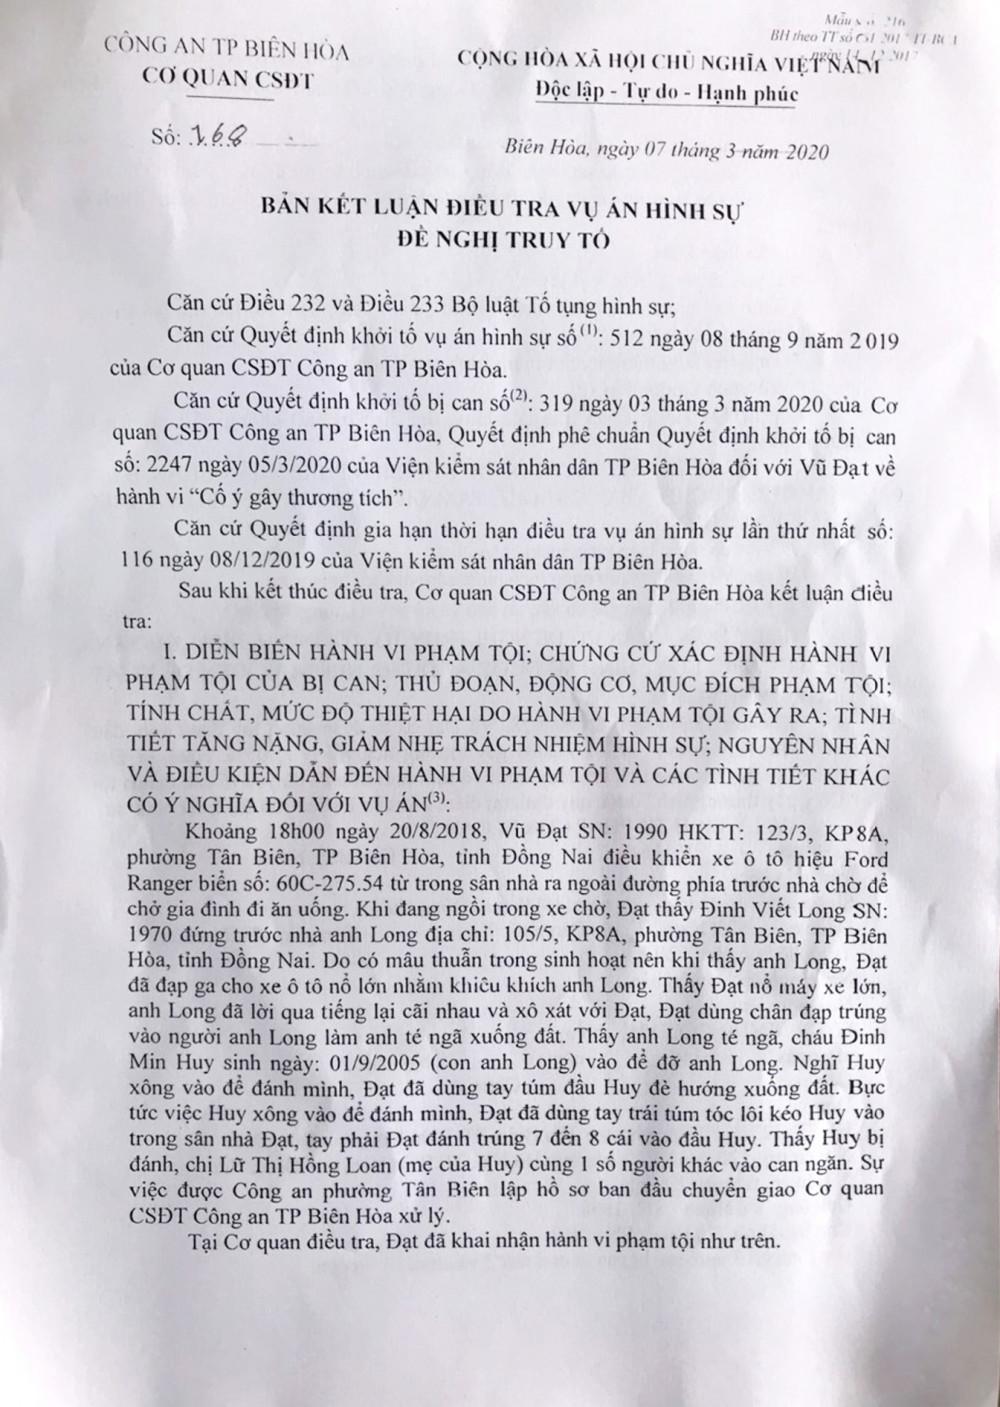 Bản kết luận điều tra của Công an TP.Biên Hòa  mà luật sư Trần Thị Ngọc Nữ nhận được chiều 13/3